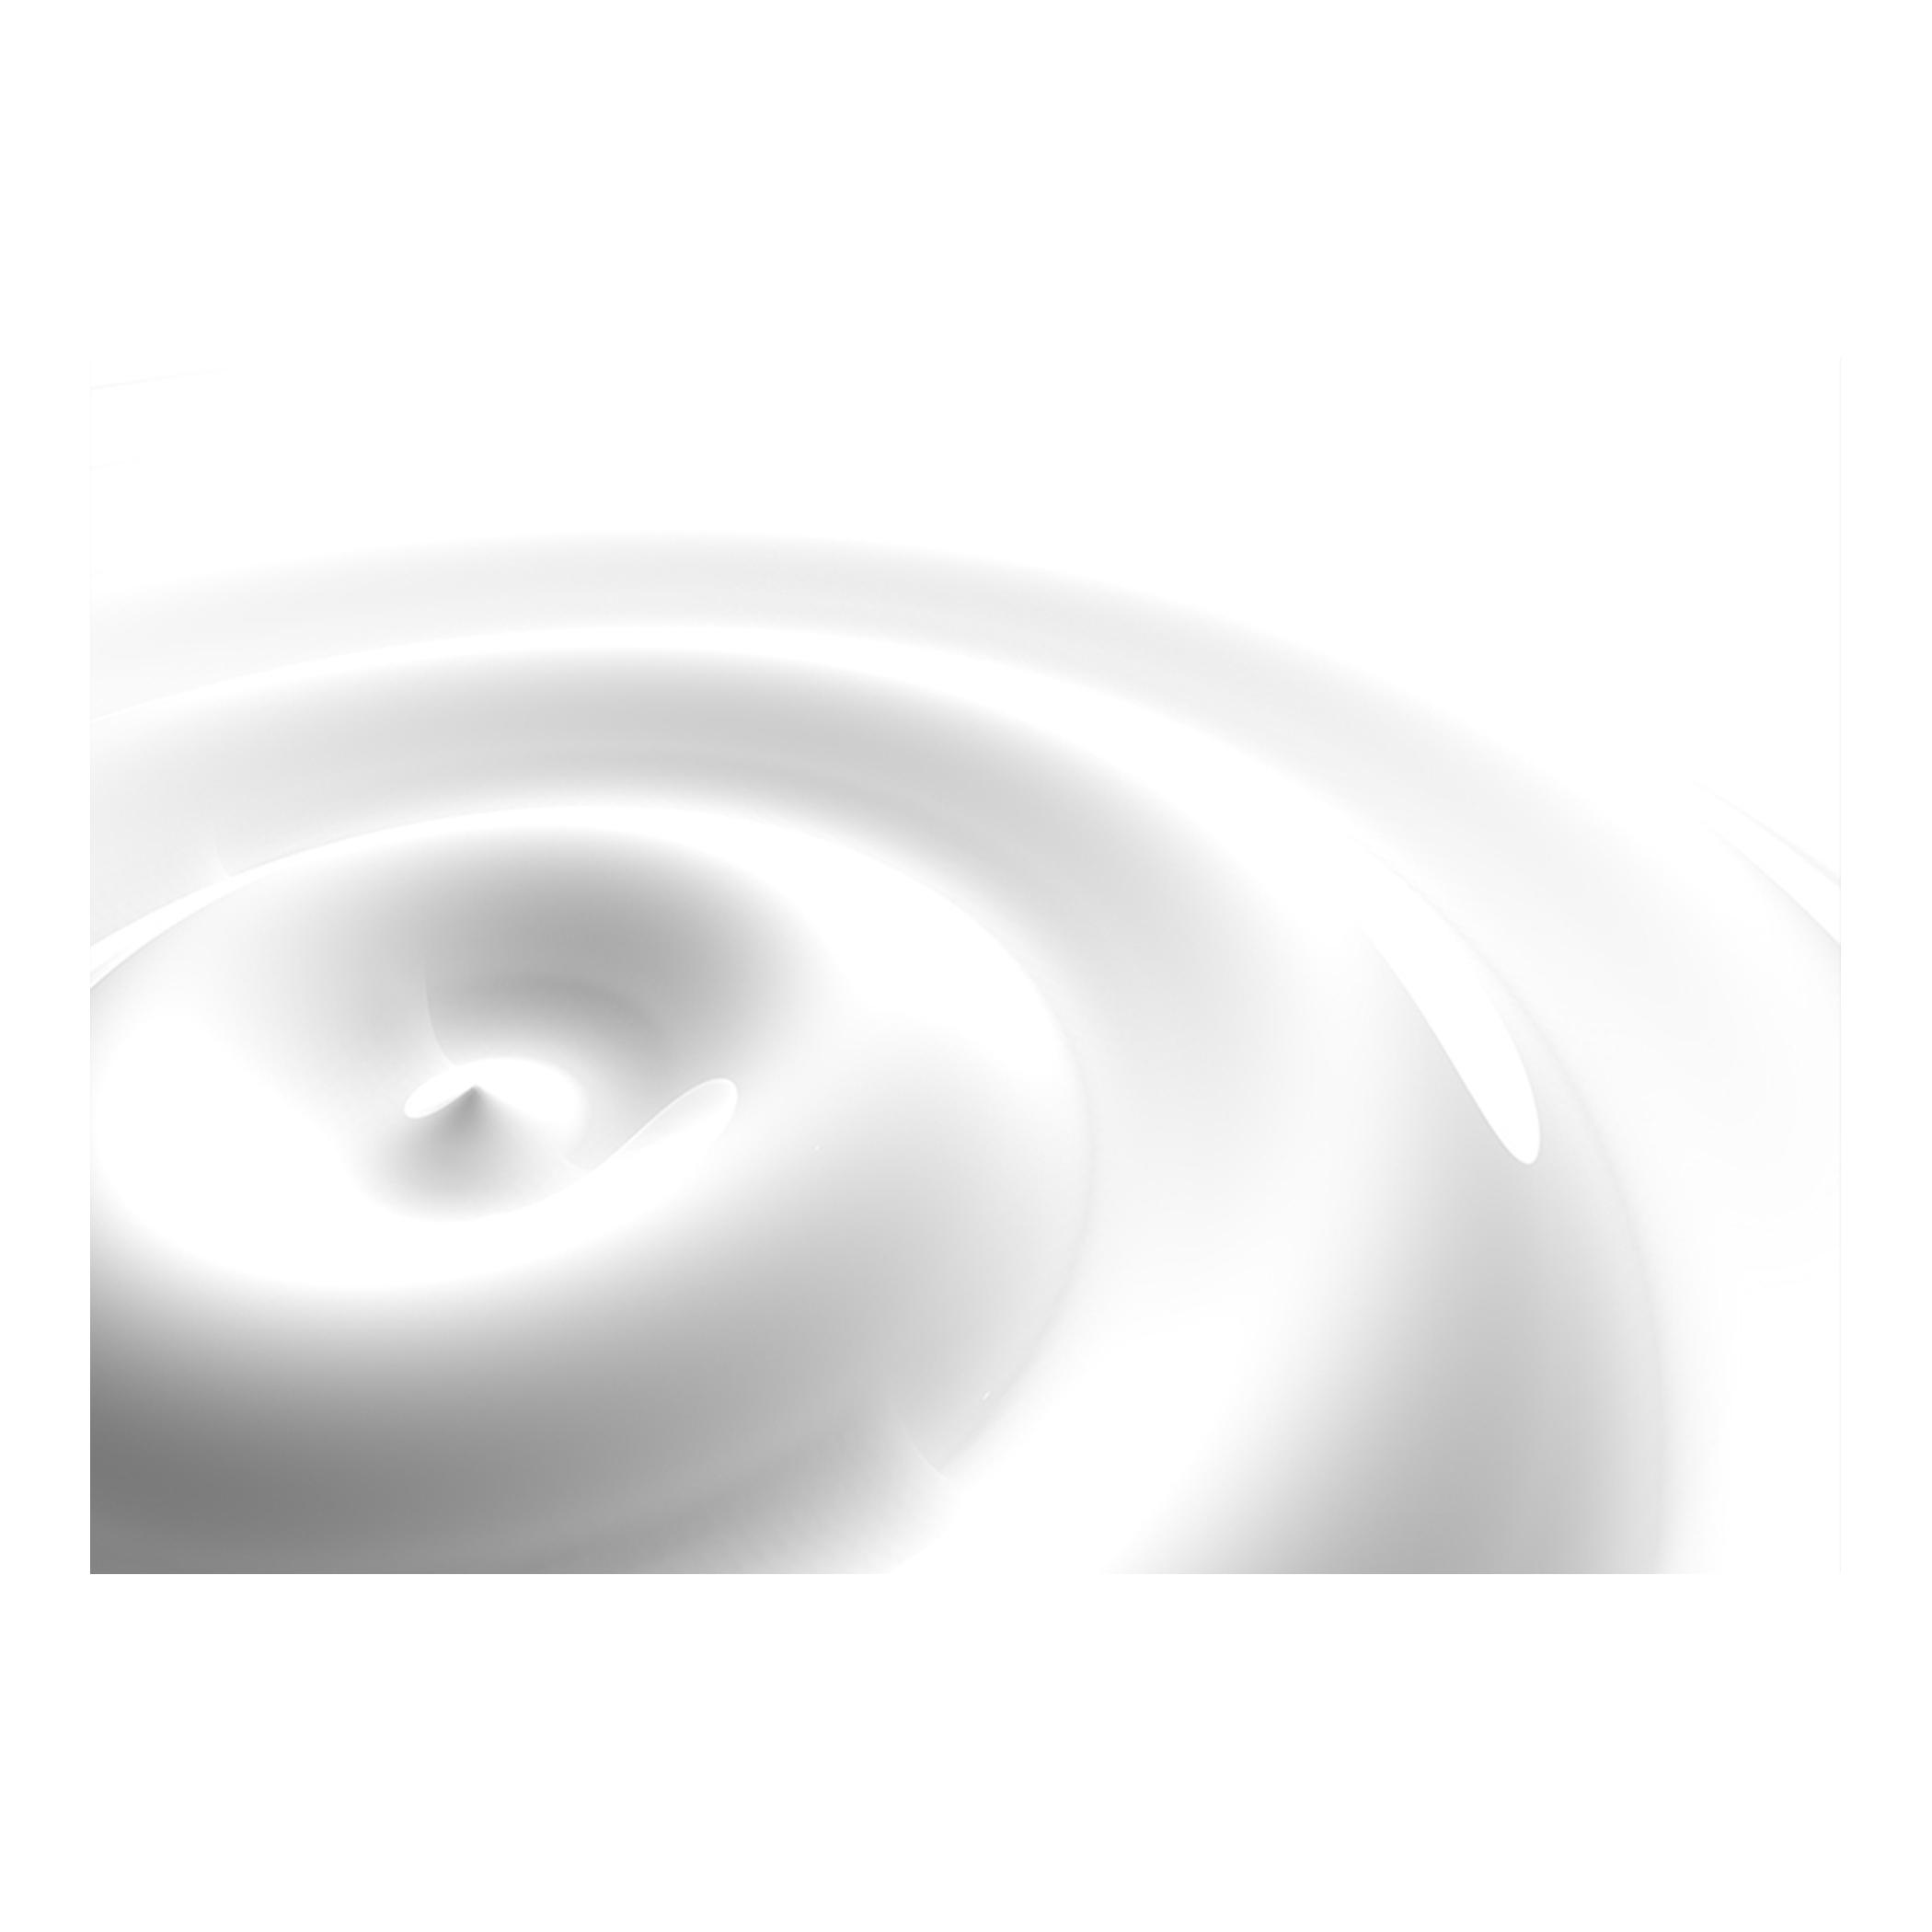 vlies fototapete 3d textur weiss tapete tapeten schlafzimmer wandbild xl fob0160 ebay. Black Bedroom Furniture Sets. Home Design Ideas